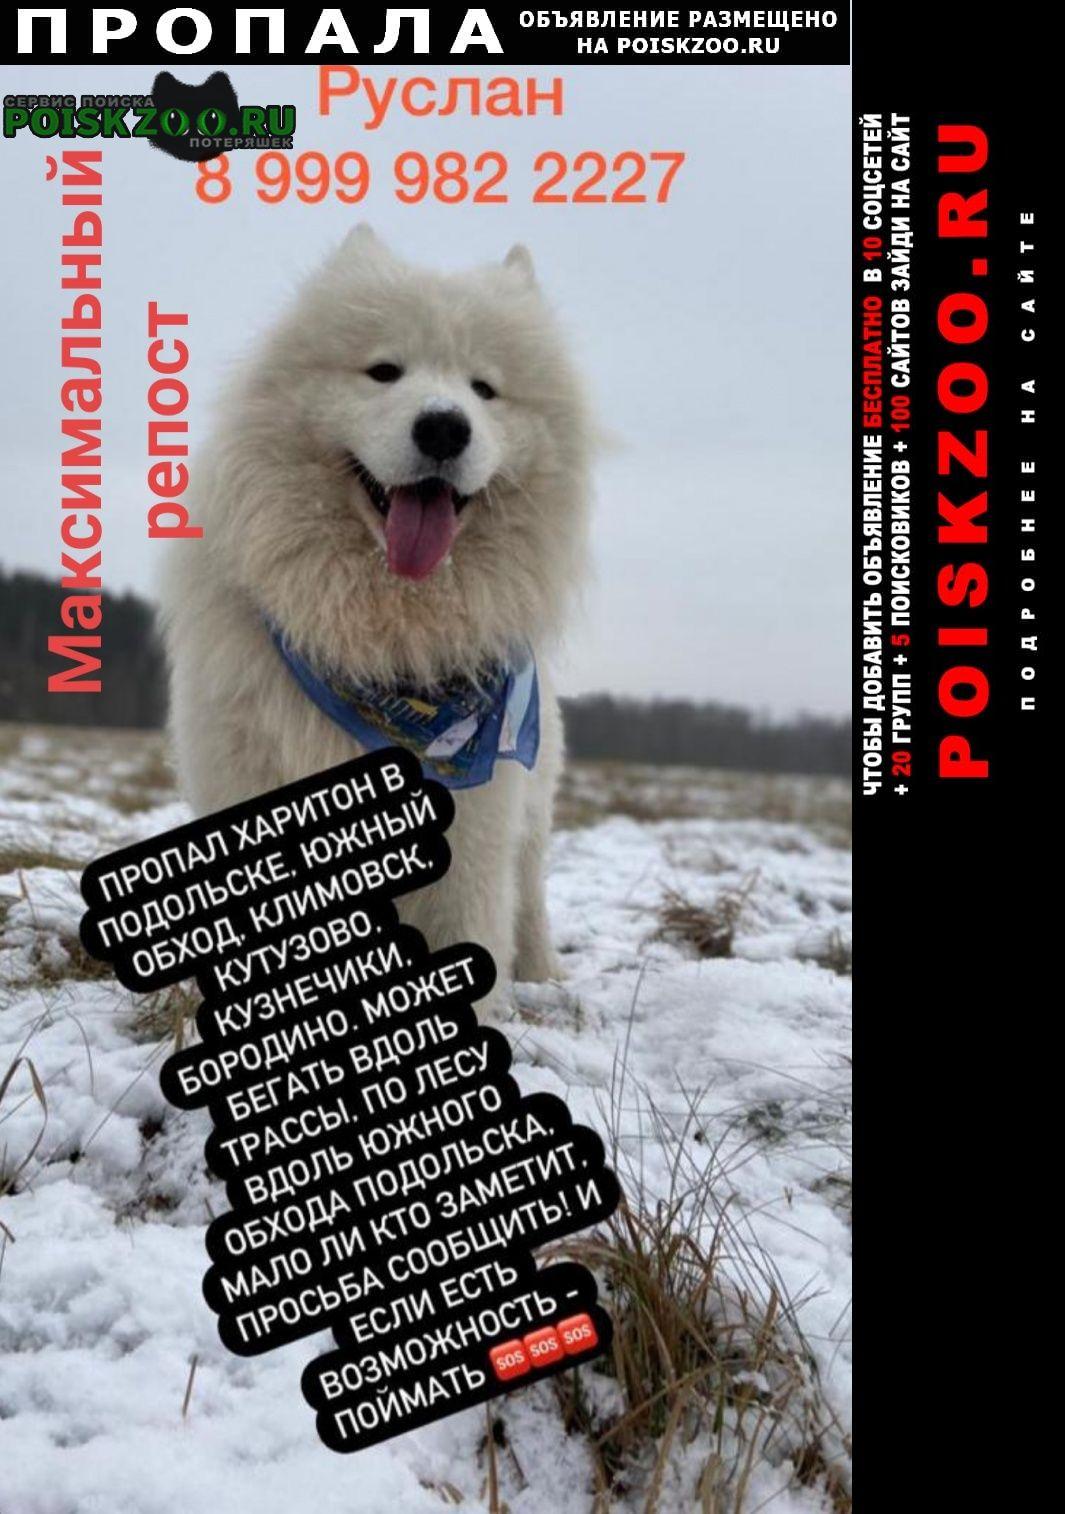 Пропала собака самоед Подольск